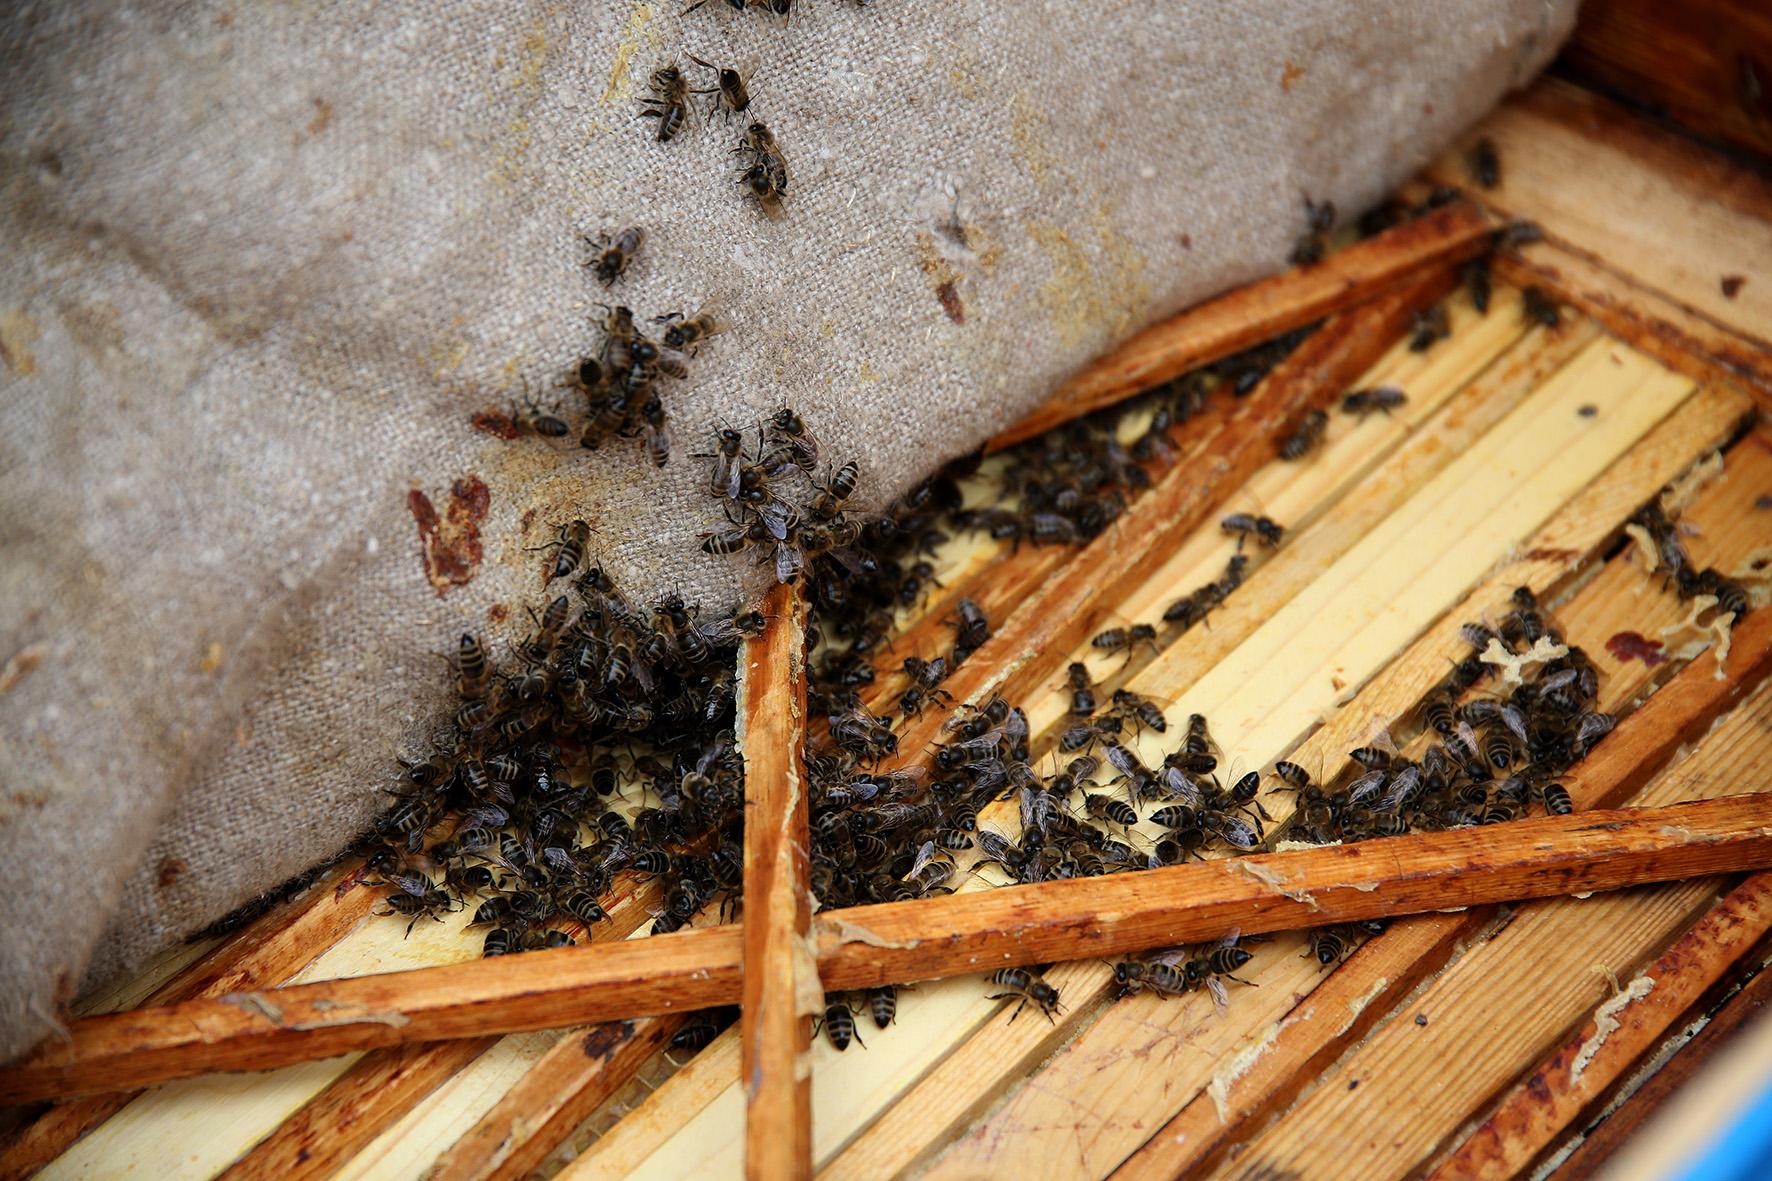 Šaltas šių metų kovas bitininkams nepagailėjo iššūkių. Užtrukusi žiema bites aviliuose užlaikė gerokai ilgiau nei įprasta. A. Barzdžiaus nuotr.